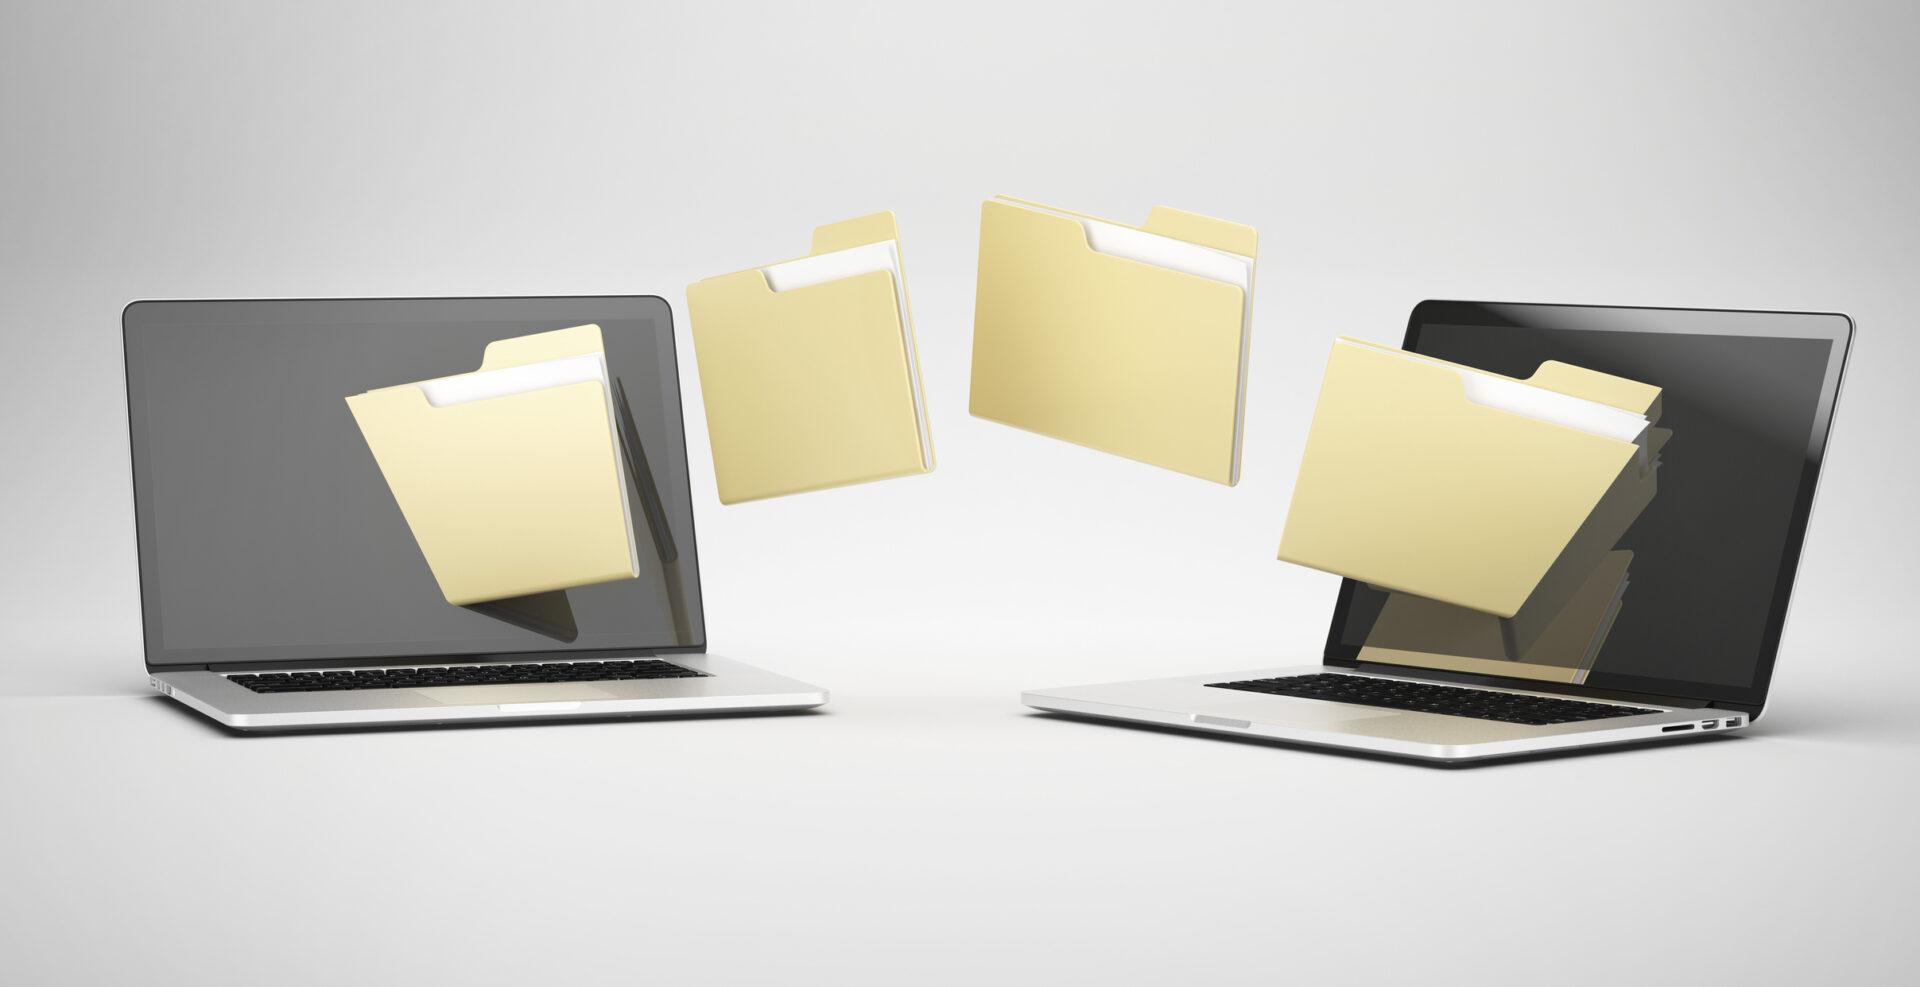 5 erreurs a eviter lors d'une migration vers Office 365